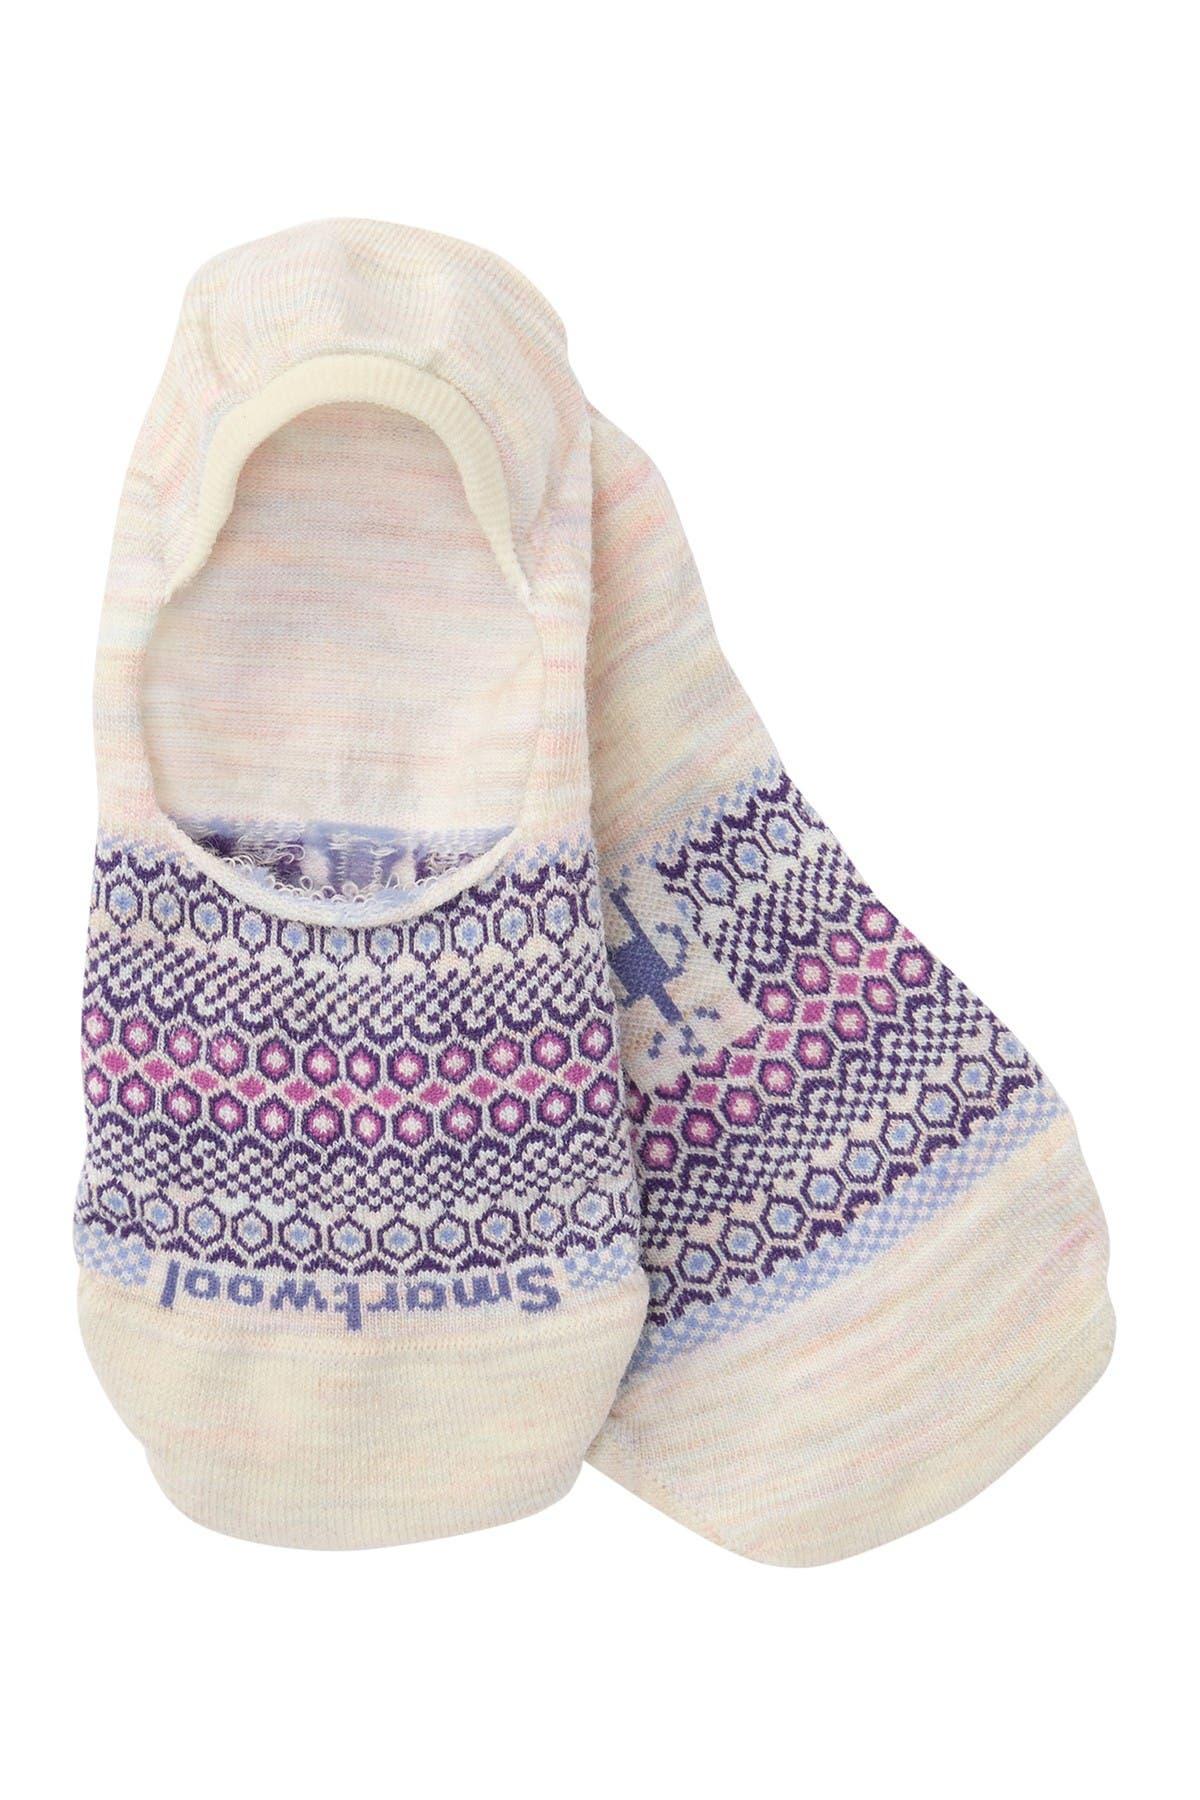 Image of SmartWool Beyond Hive Hide & Seek No Show Socks